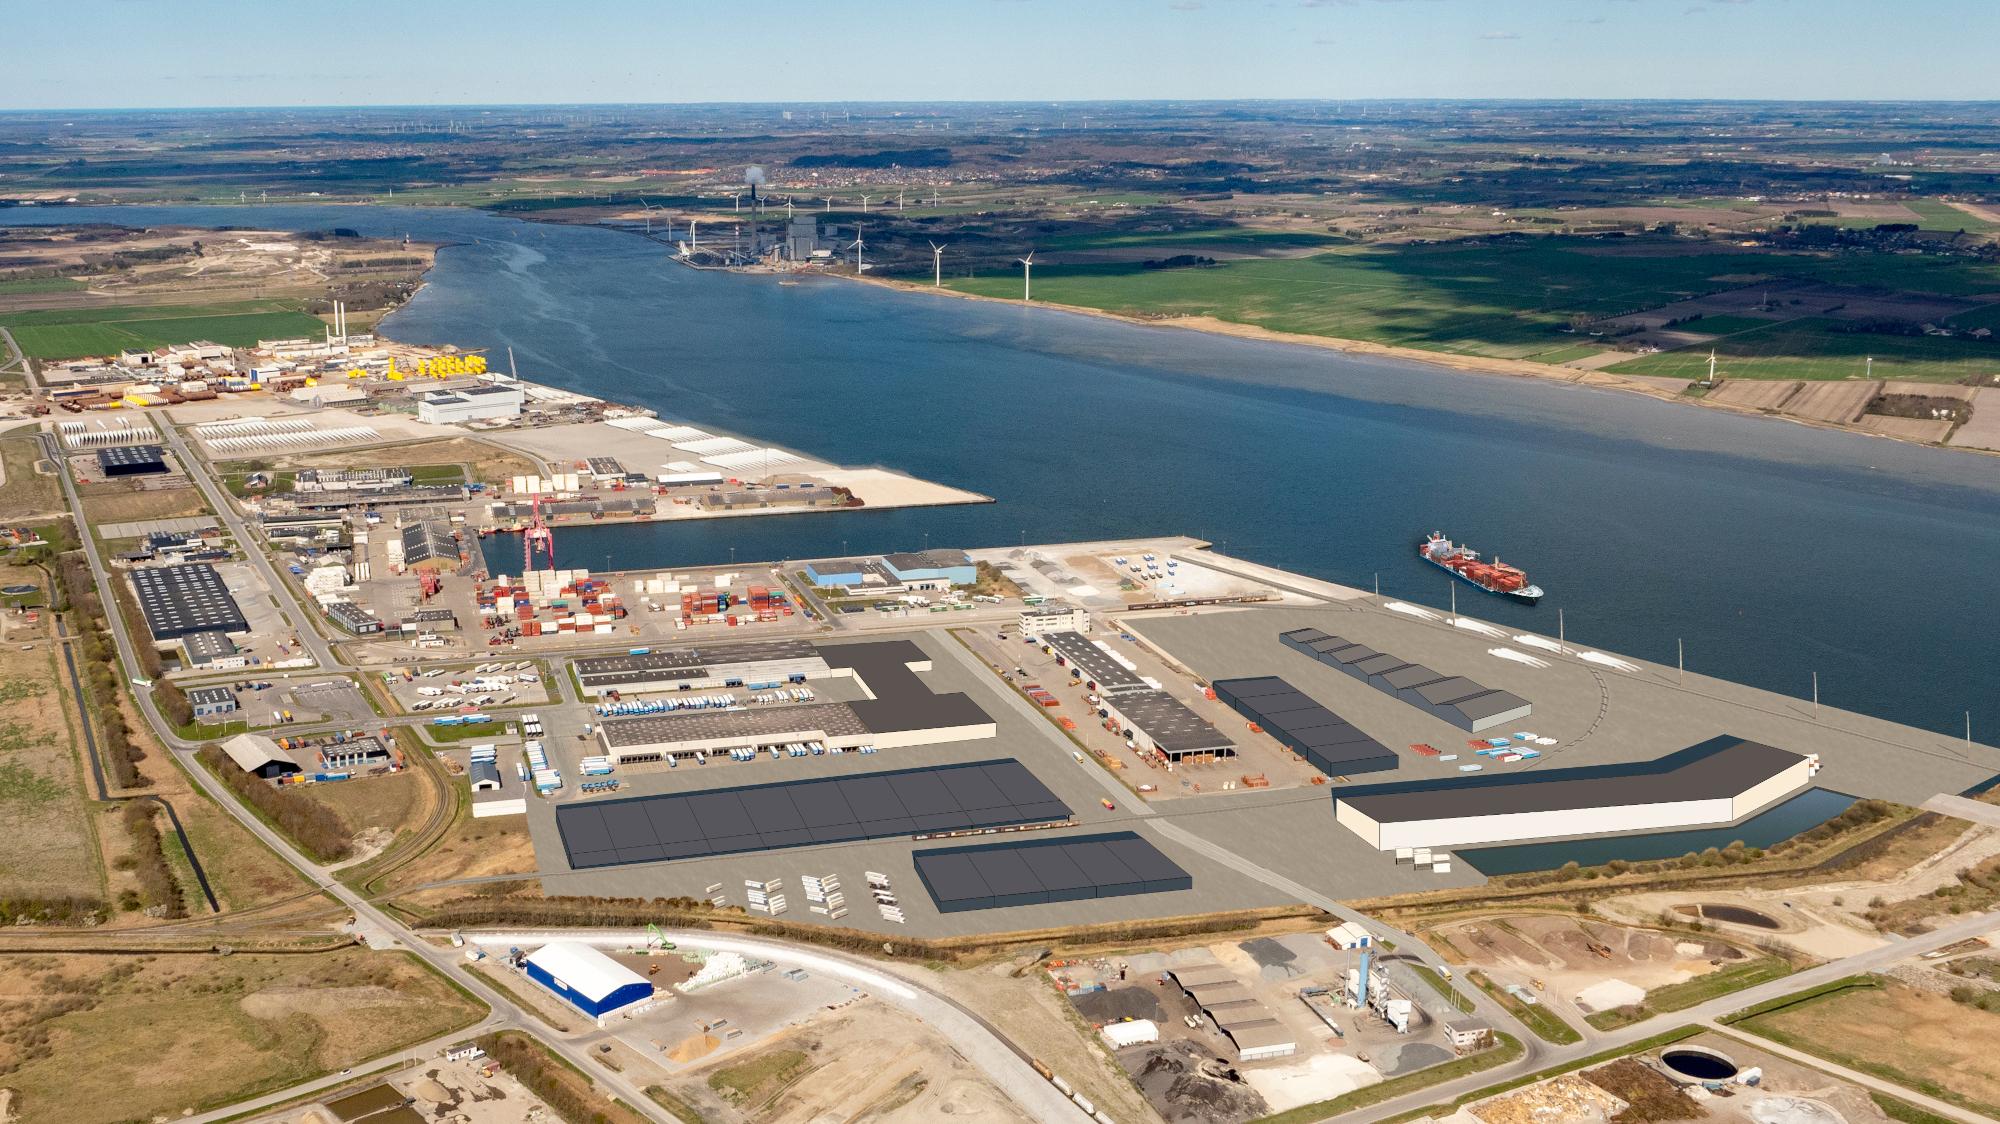 Trafikknudepunkt styrkes markant: Kæmpe udvidelse på vej i Aalborg Havn